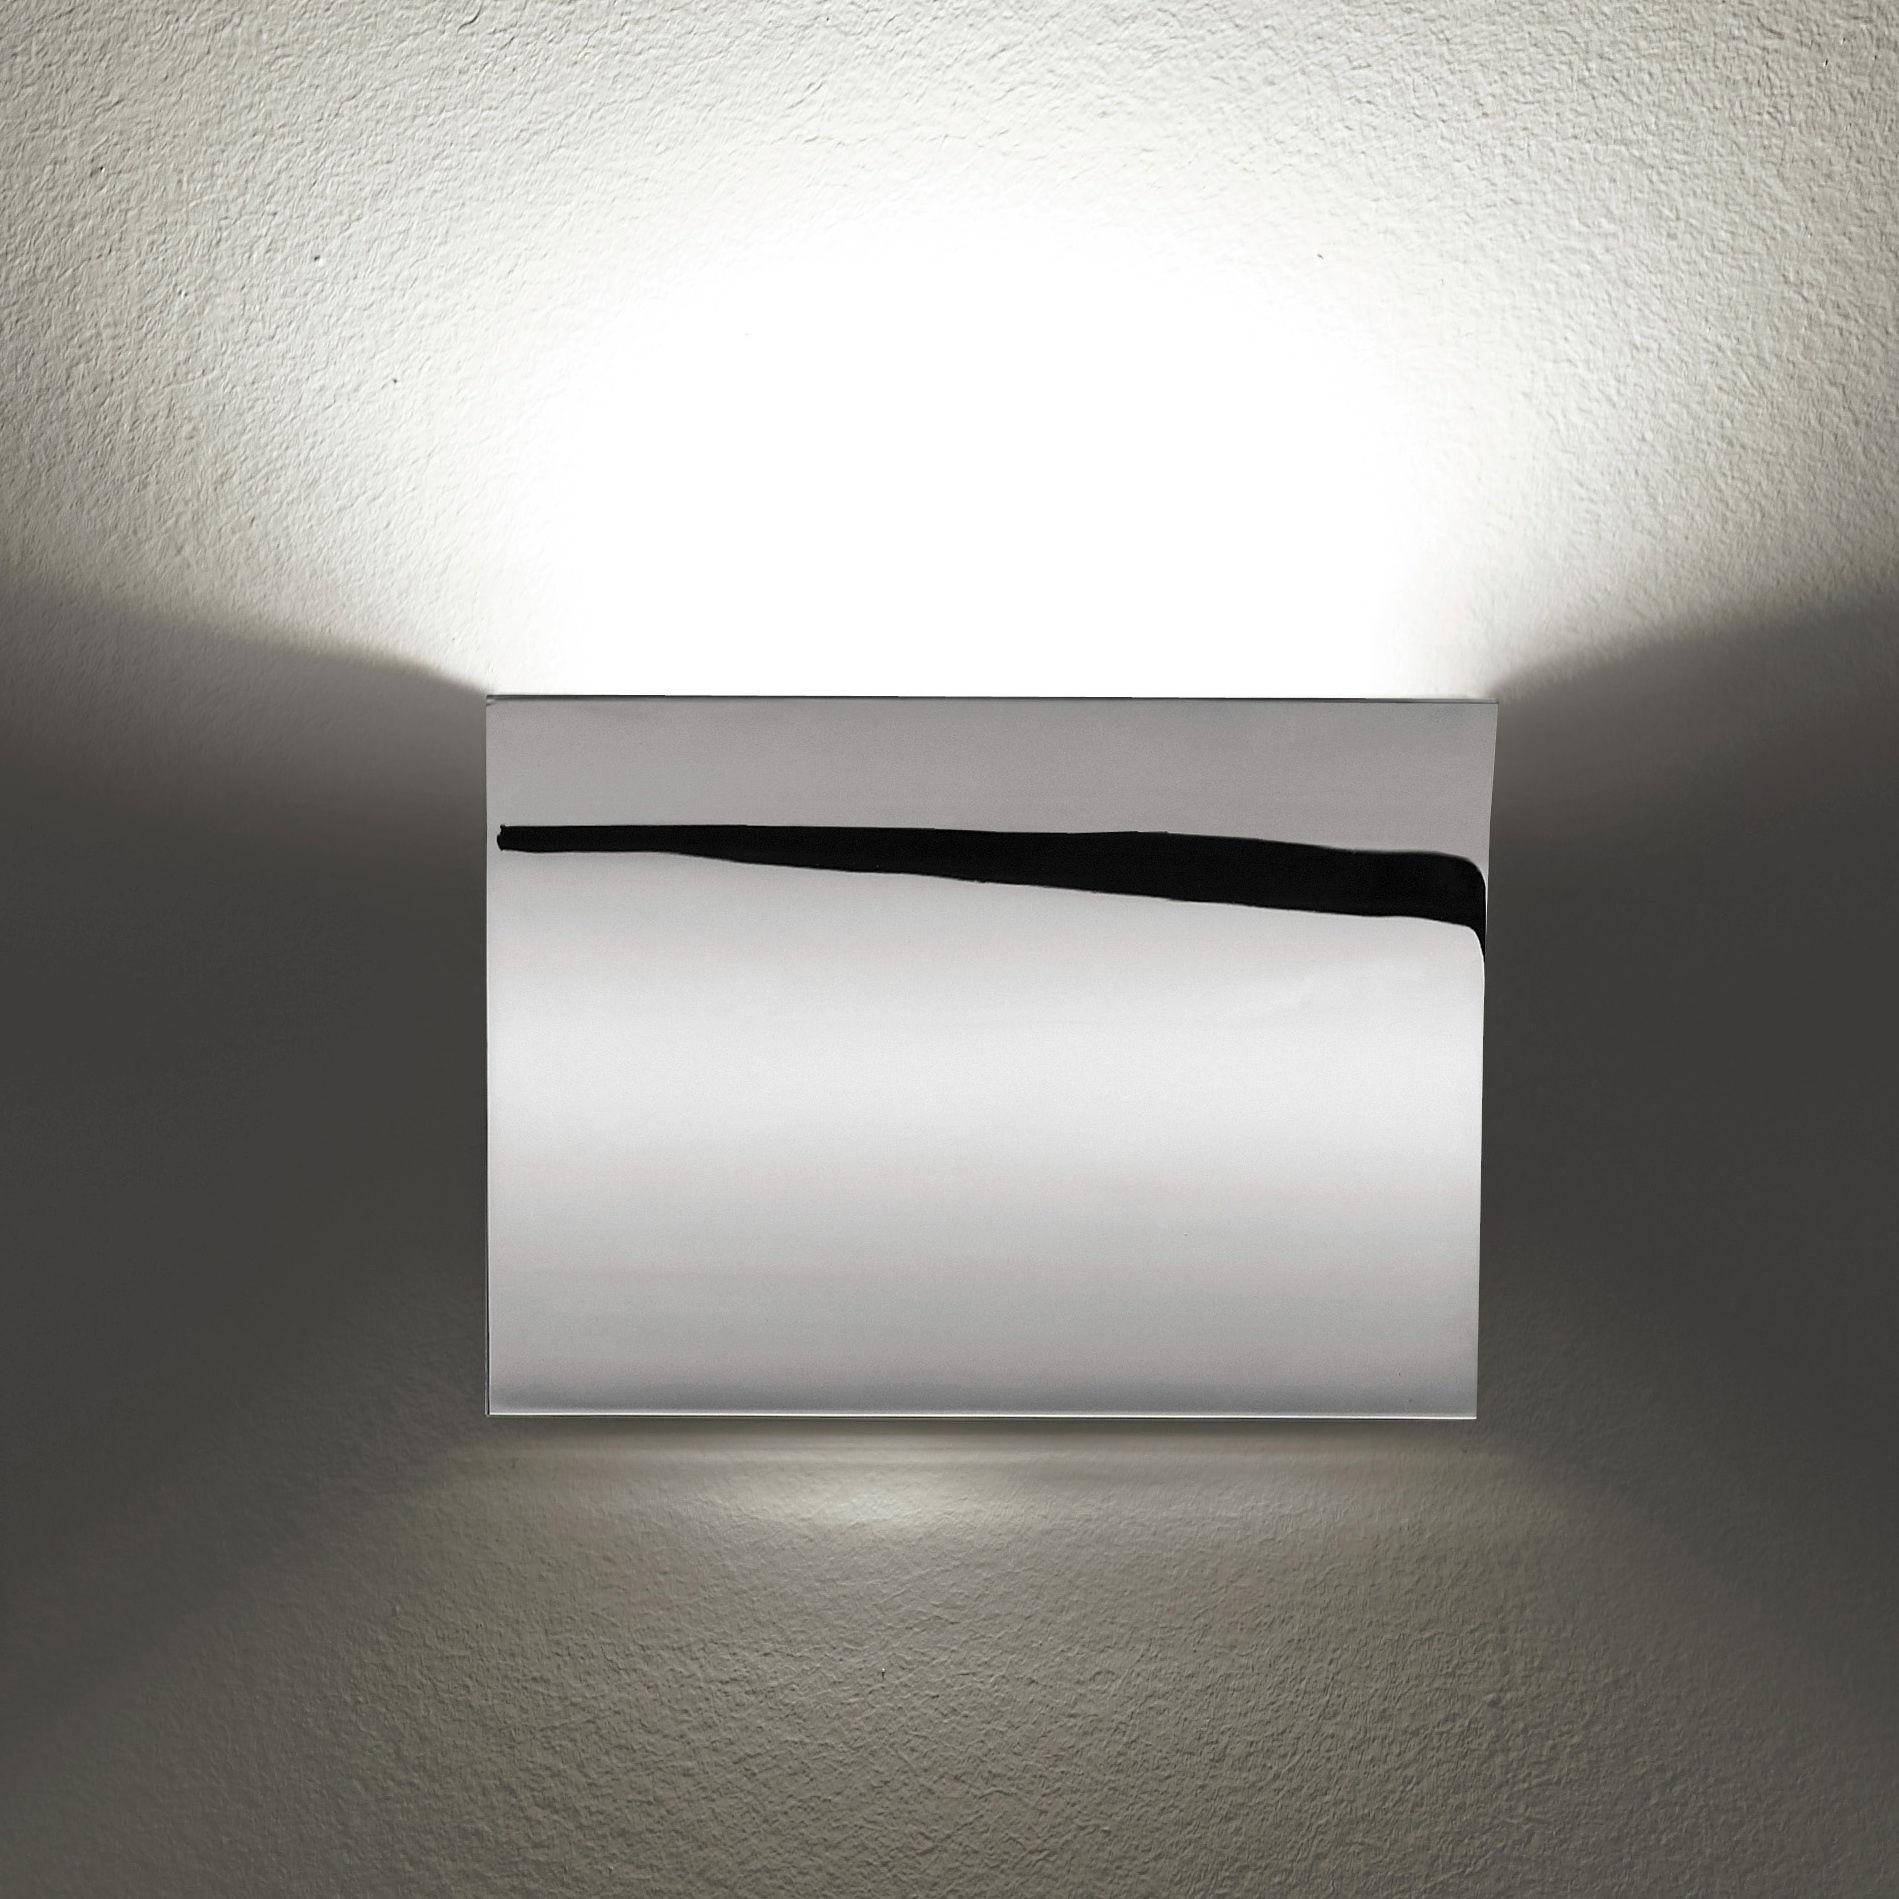 Luminaire - Appliques - Applique Pochette Up/Down / LED - Flos - Chromé - Zamac